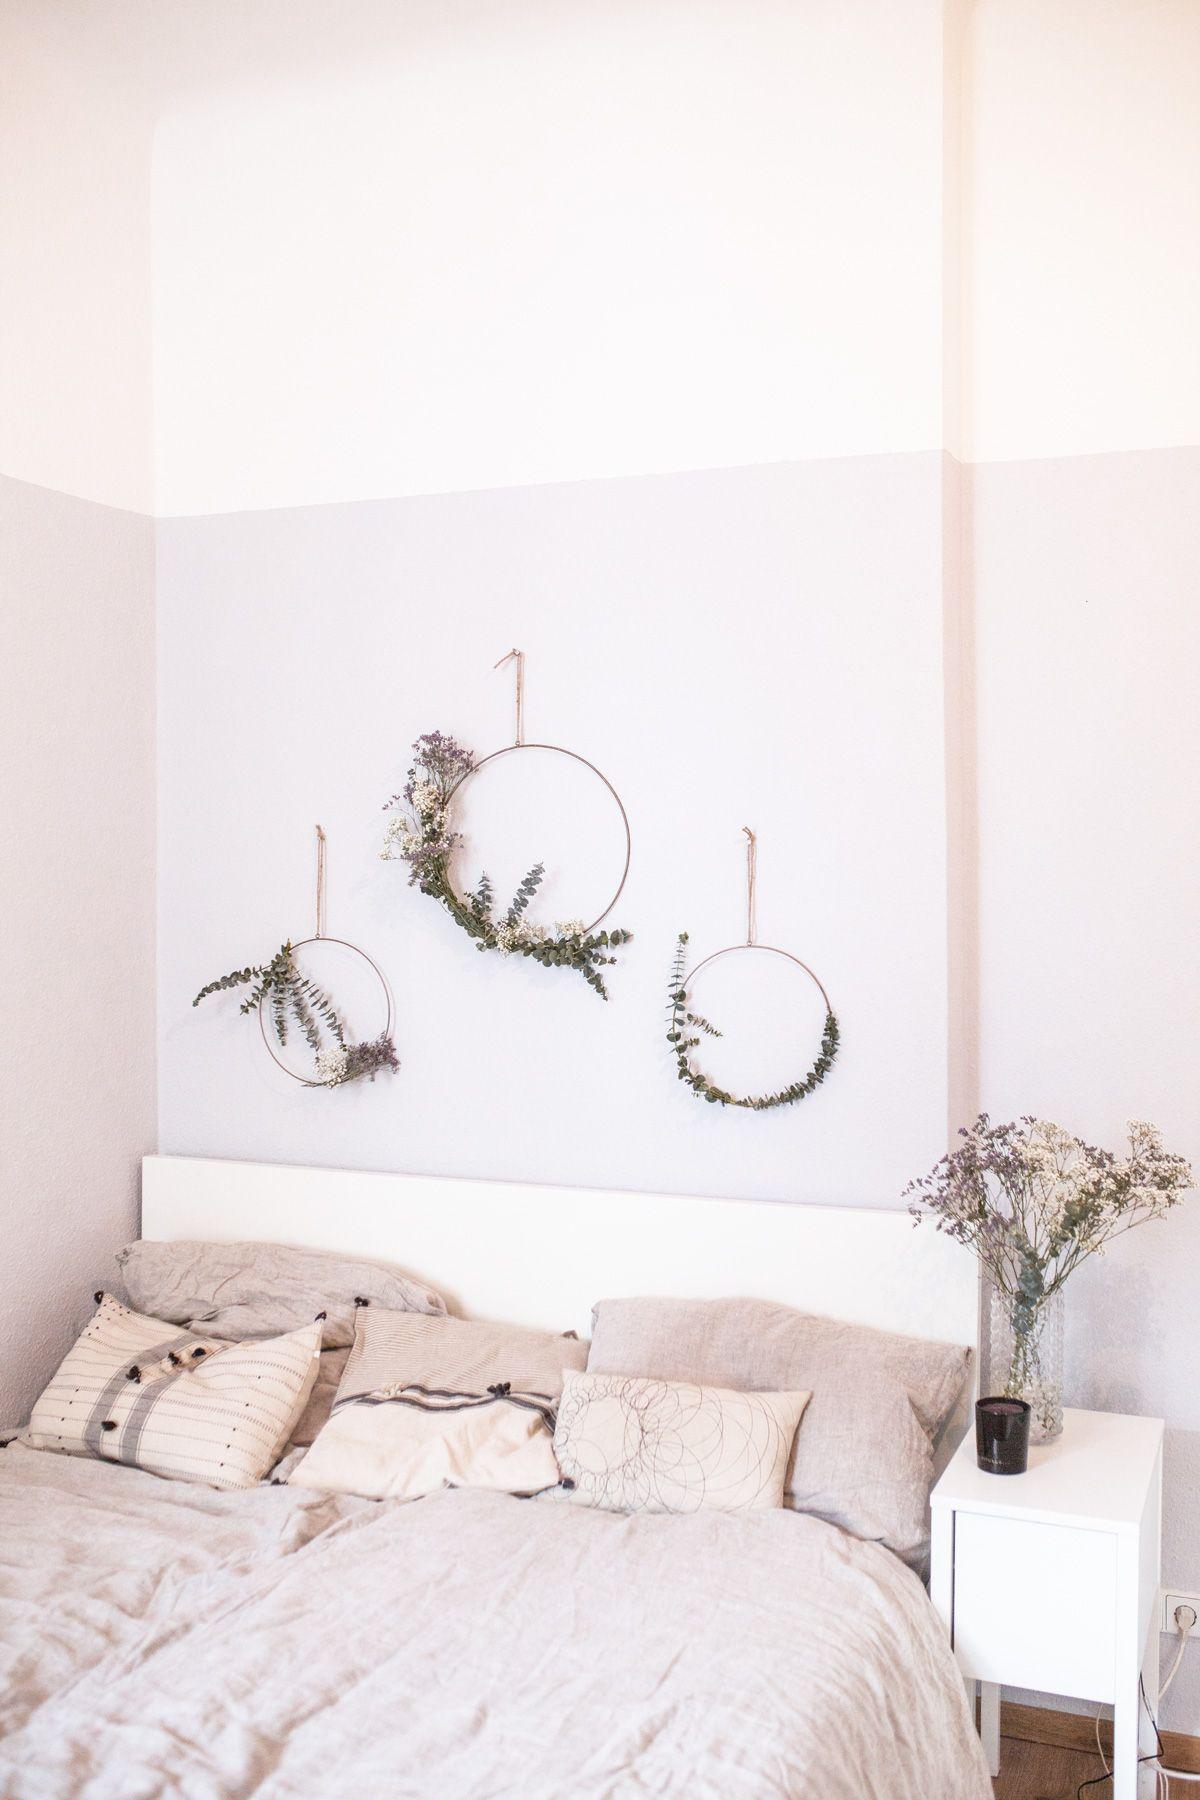 Full Size of Schlafzimmer Wanddeko Wanddekoration Bilder Ideen Ikea Holz Metall Selber Machen Amazon Diy Eukalyptus Kranz Dekoration Komplett Guenstig Kommode Günstig Wohnzimmer Schlafzimmer Wanddeko